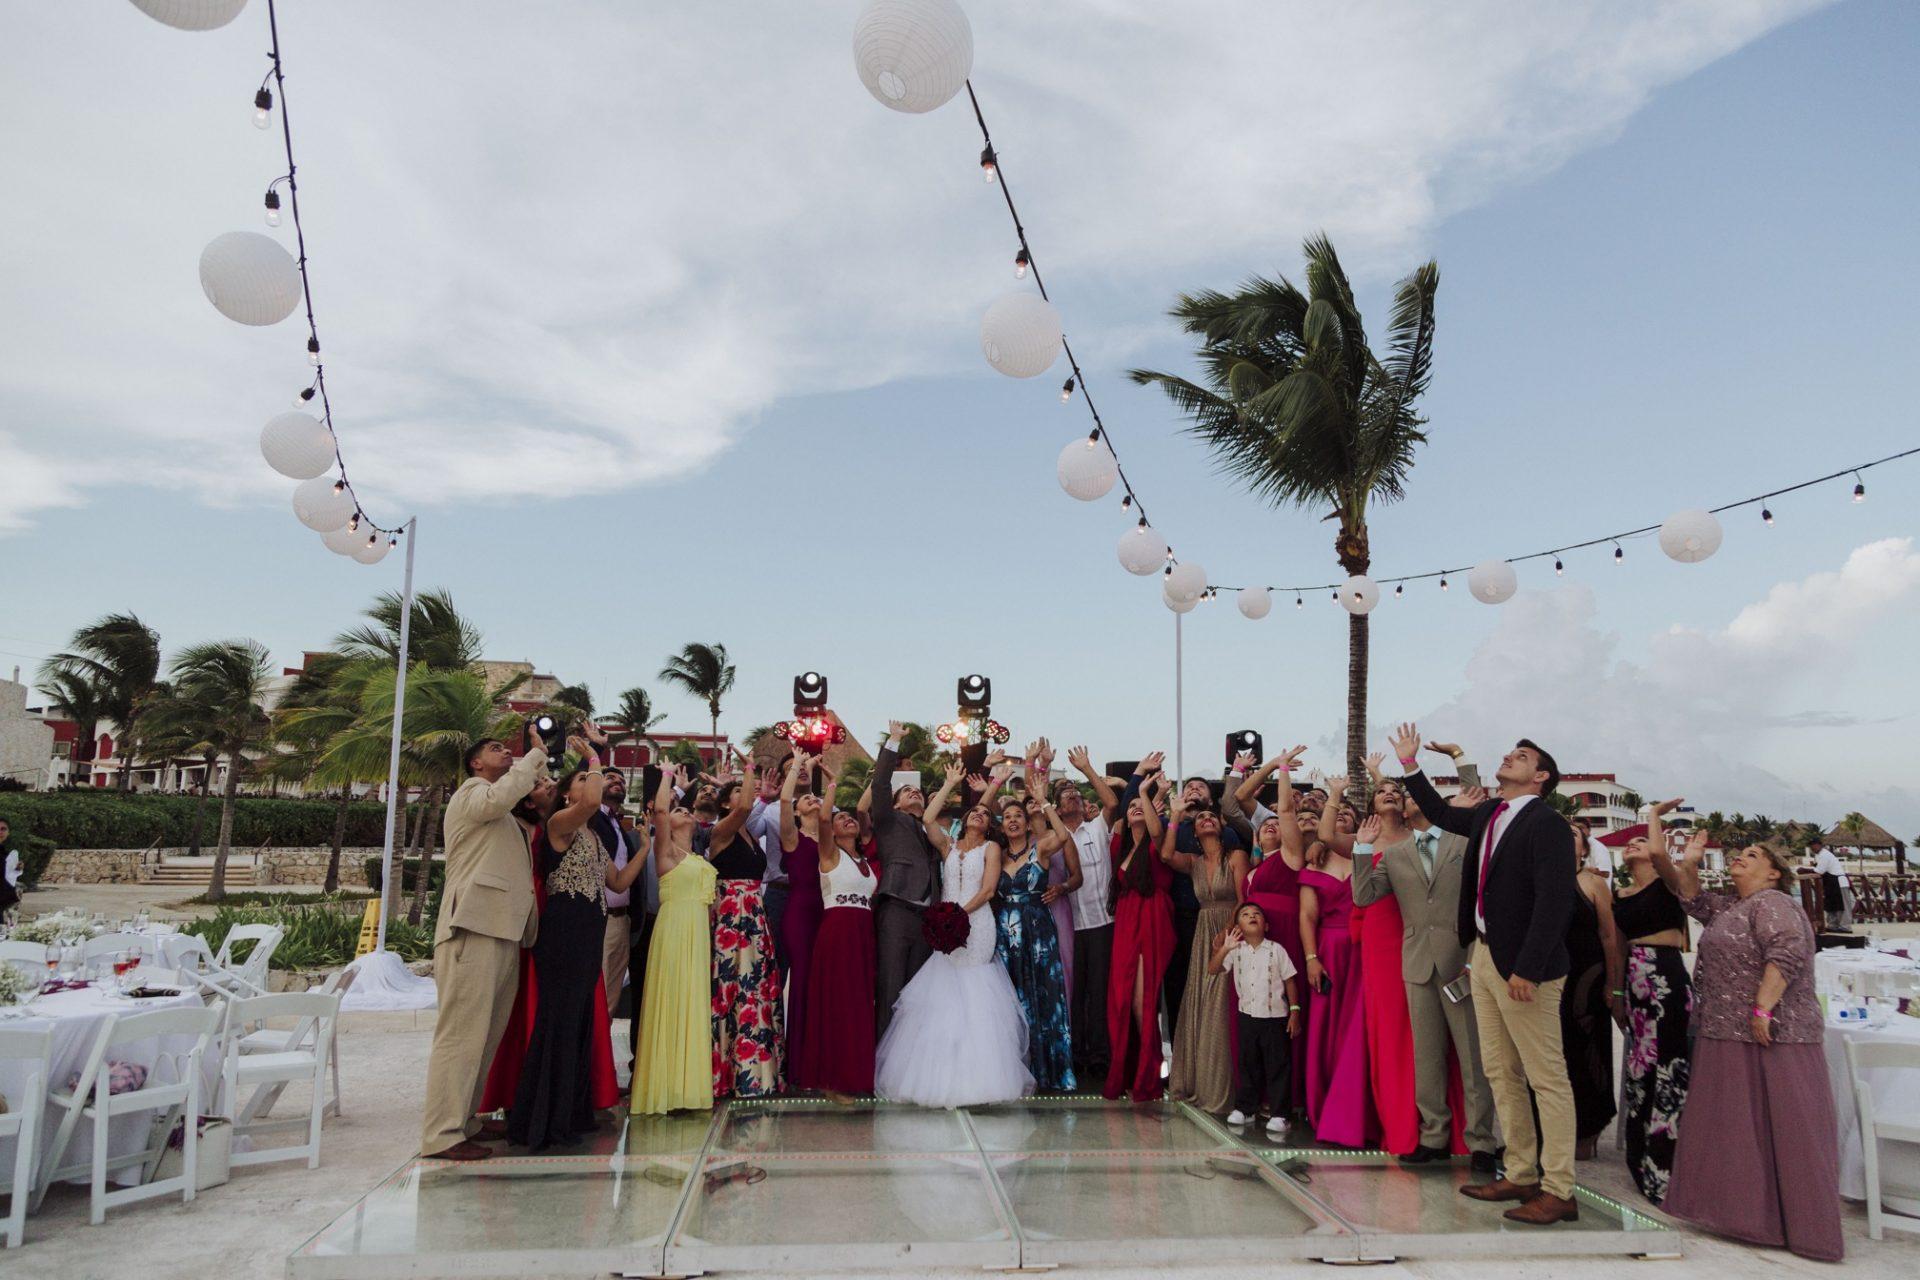 fotografo_bodas_profesional_zacatecas_riviera_maya_cancun-264